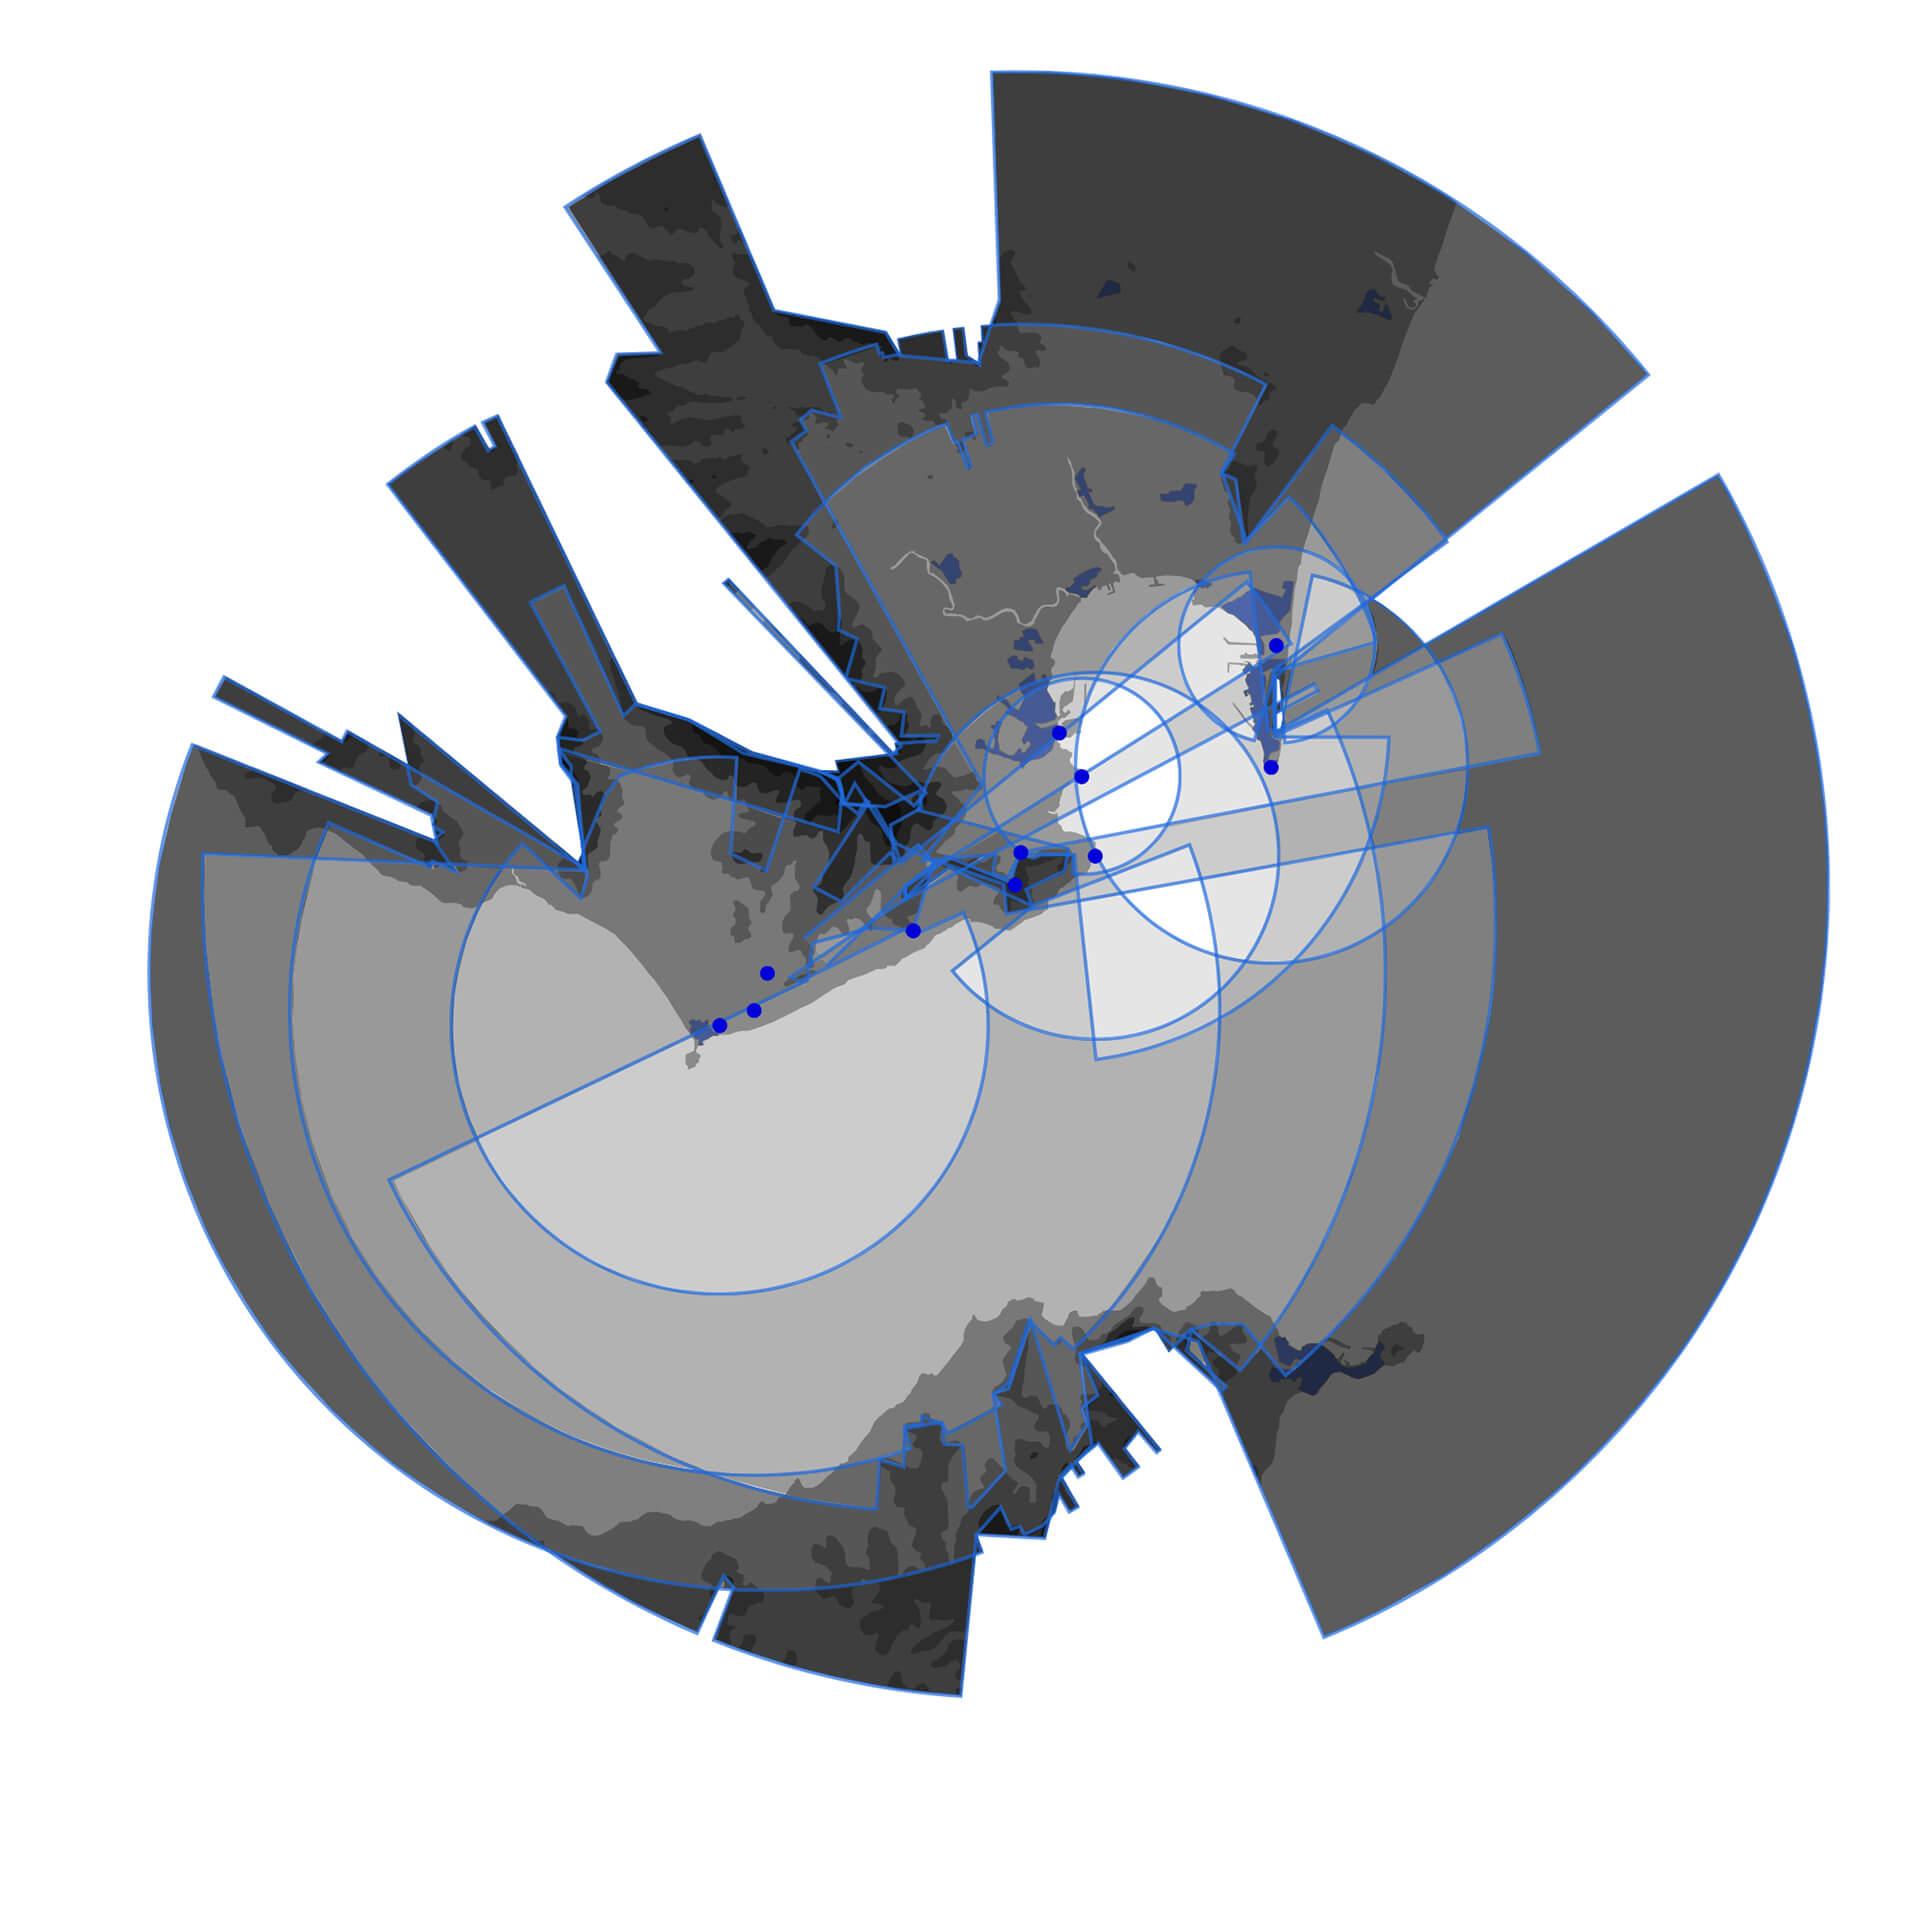 Carte d'observatoires du monde. Cette carte représente les horizons théoriques qu'un observateur aurait à chacun de ces observatoires.